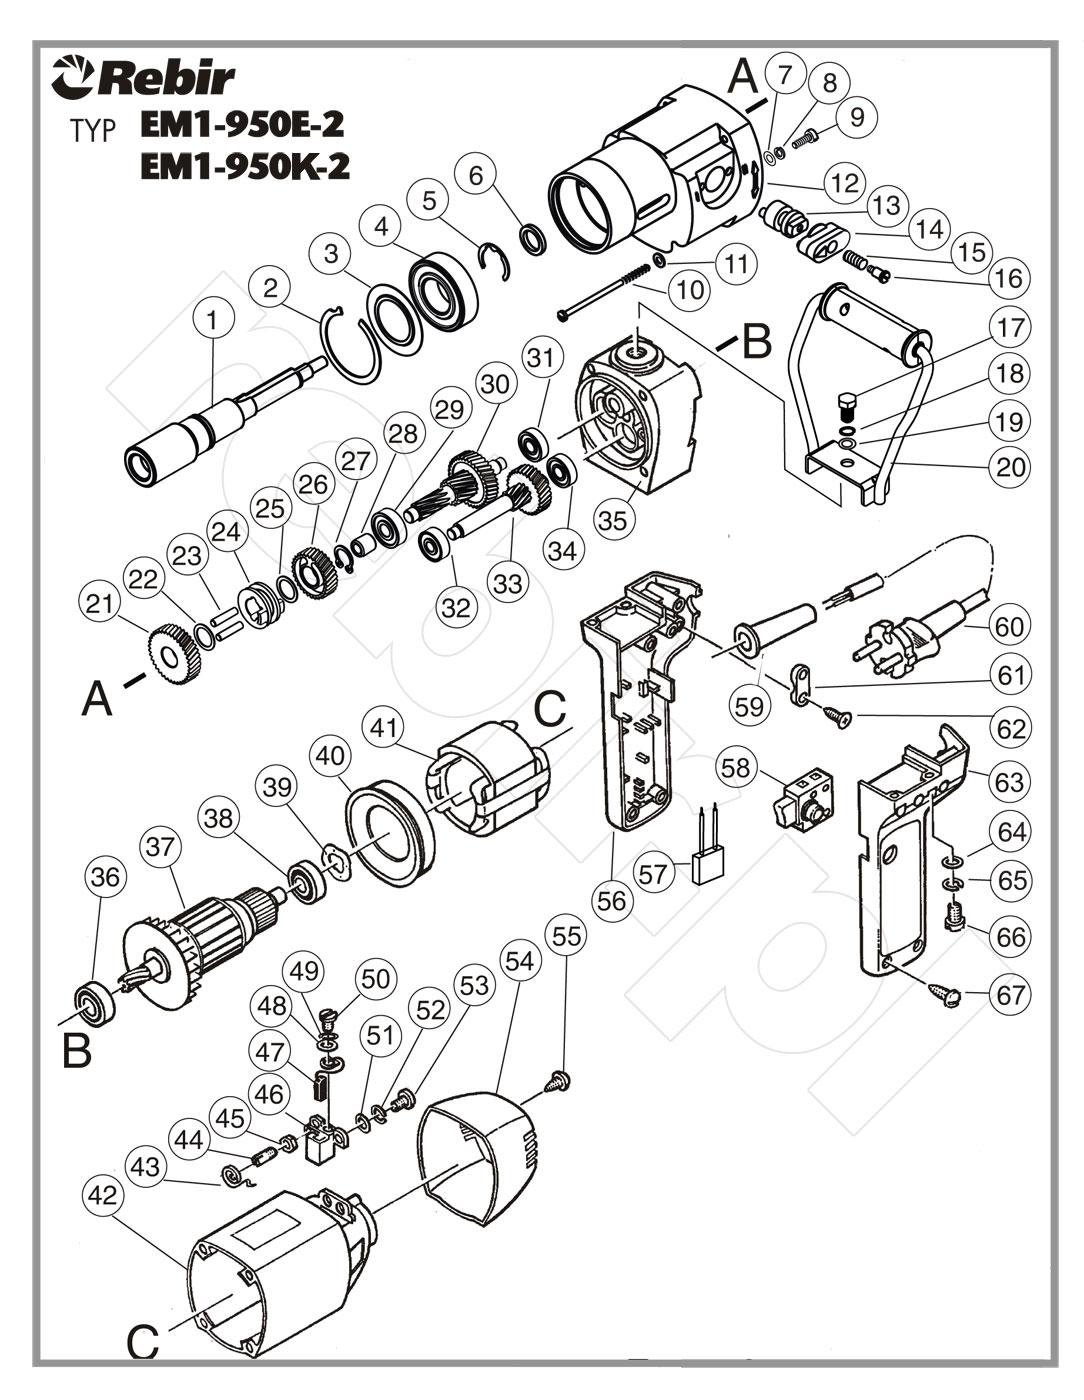 Schemat naprawczy mieszarki EM1-950 K-2